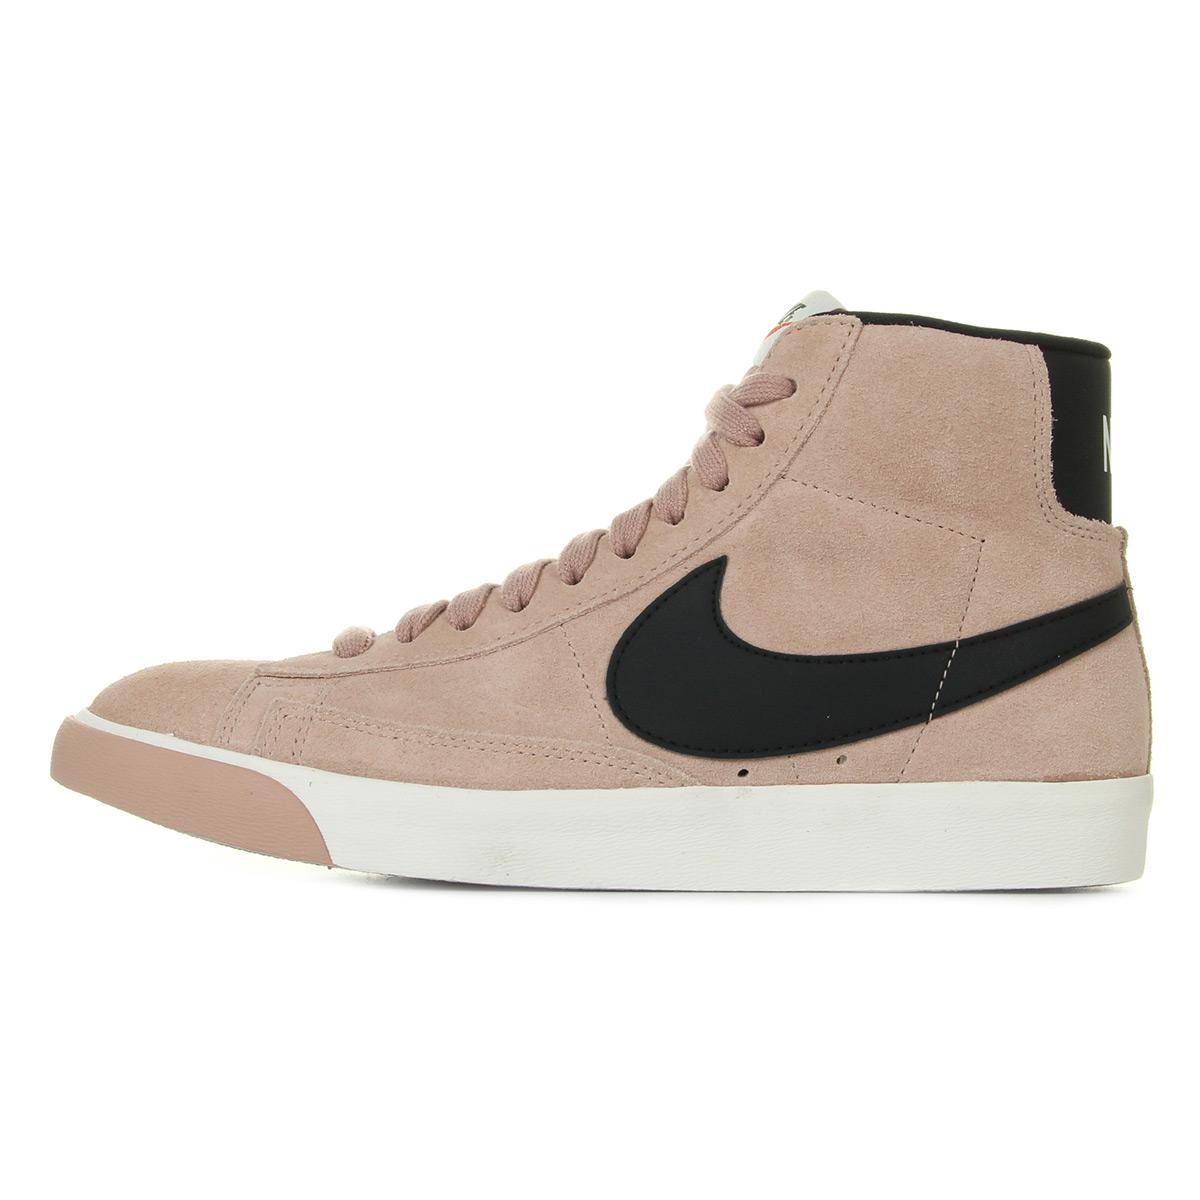 Nike WMNS Blazer Mid Vintage Suede 917862601, Baskets mode femme